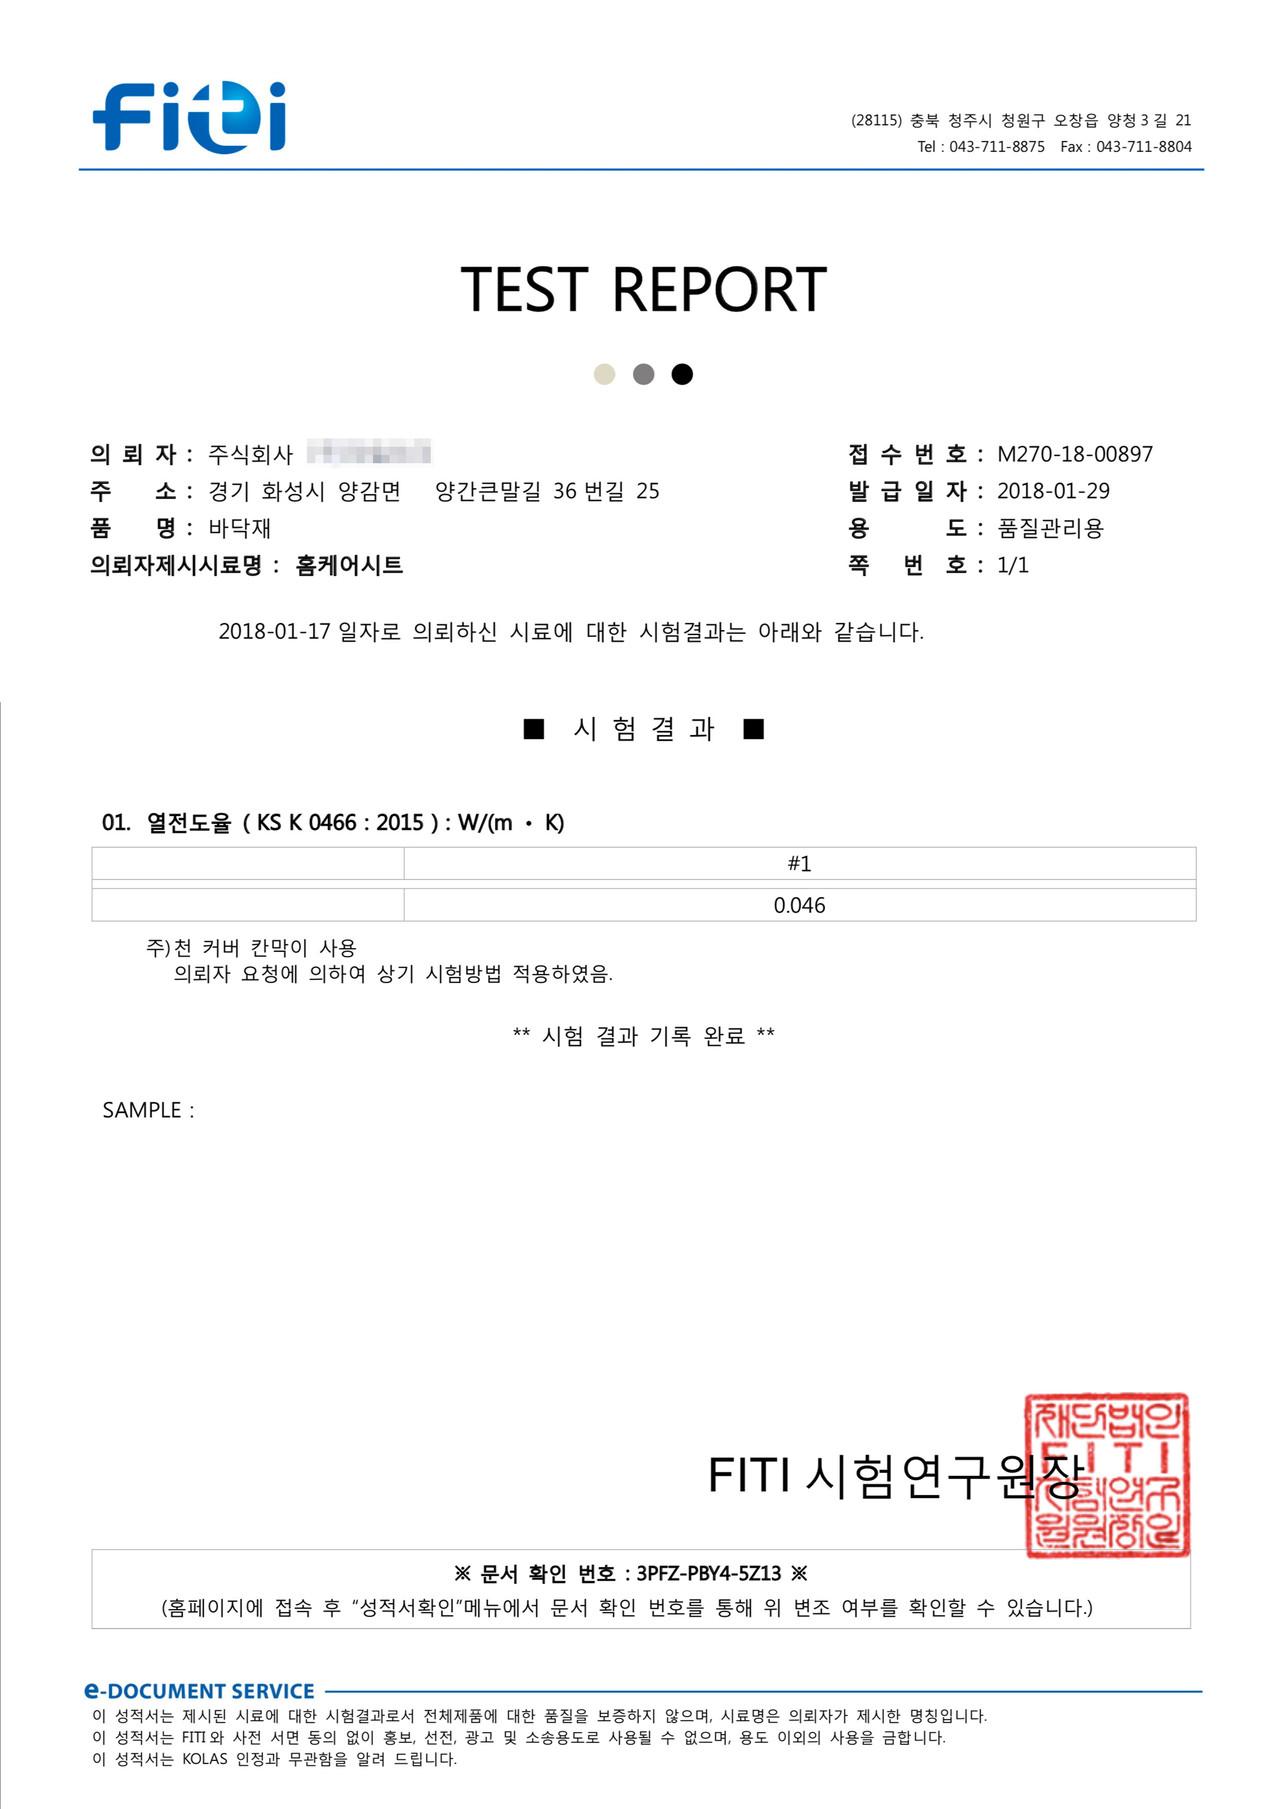 팡이알지오 열전도율 시험 성적서